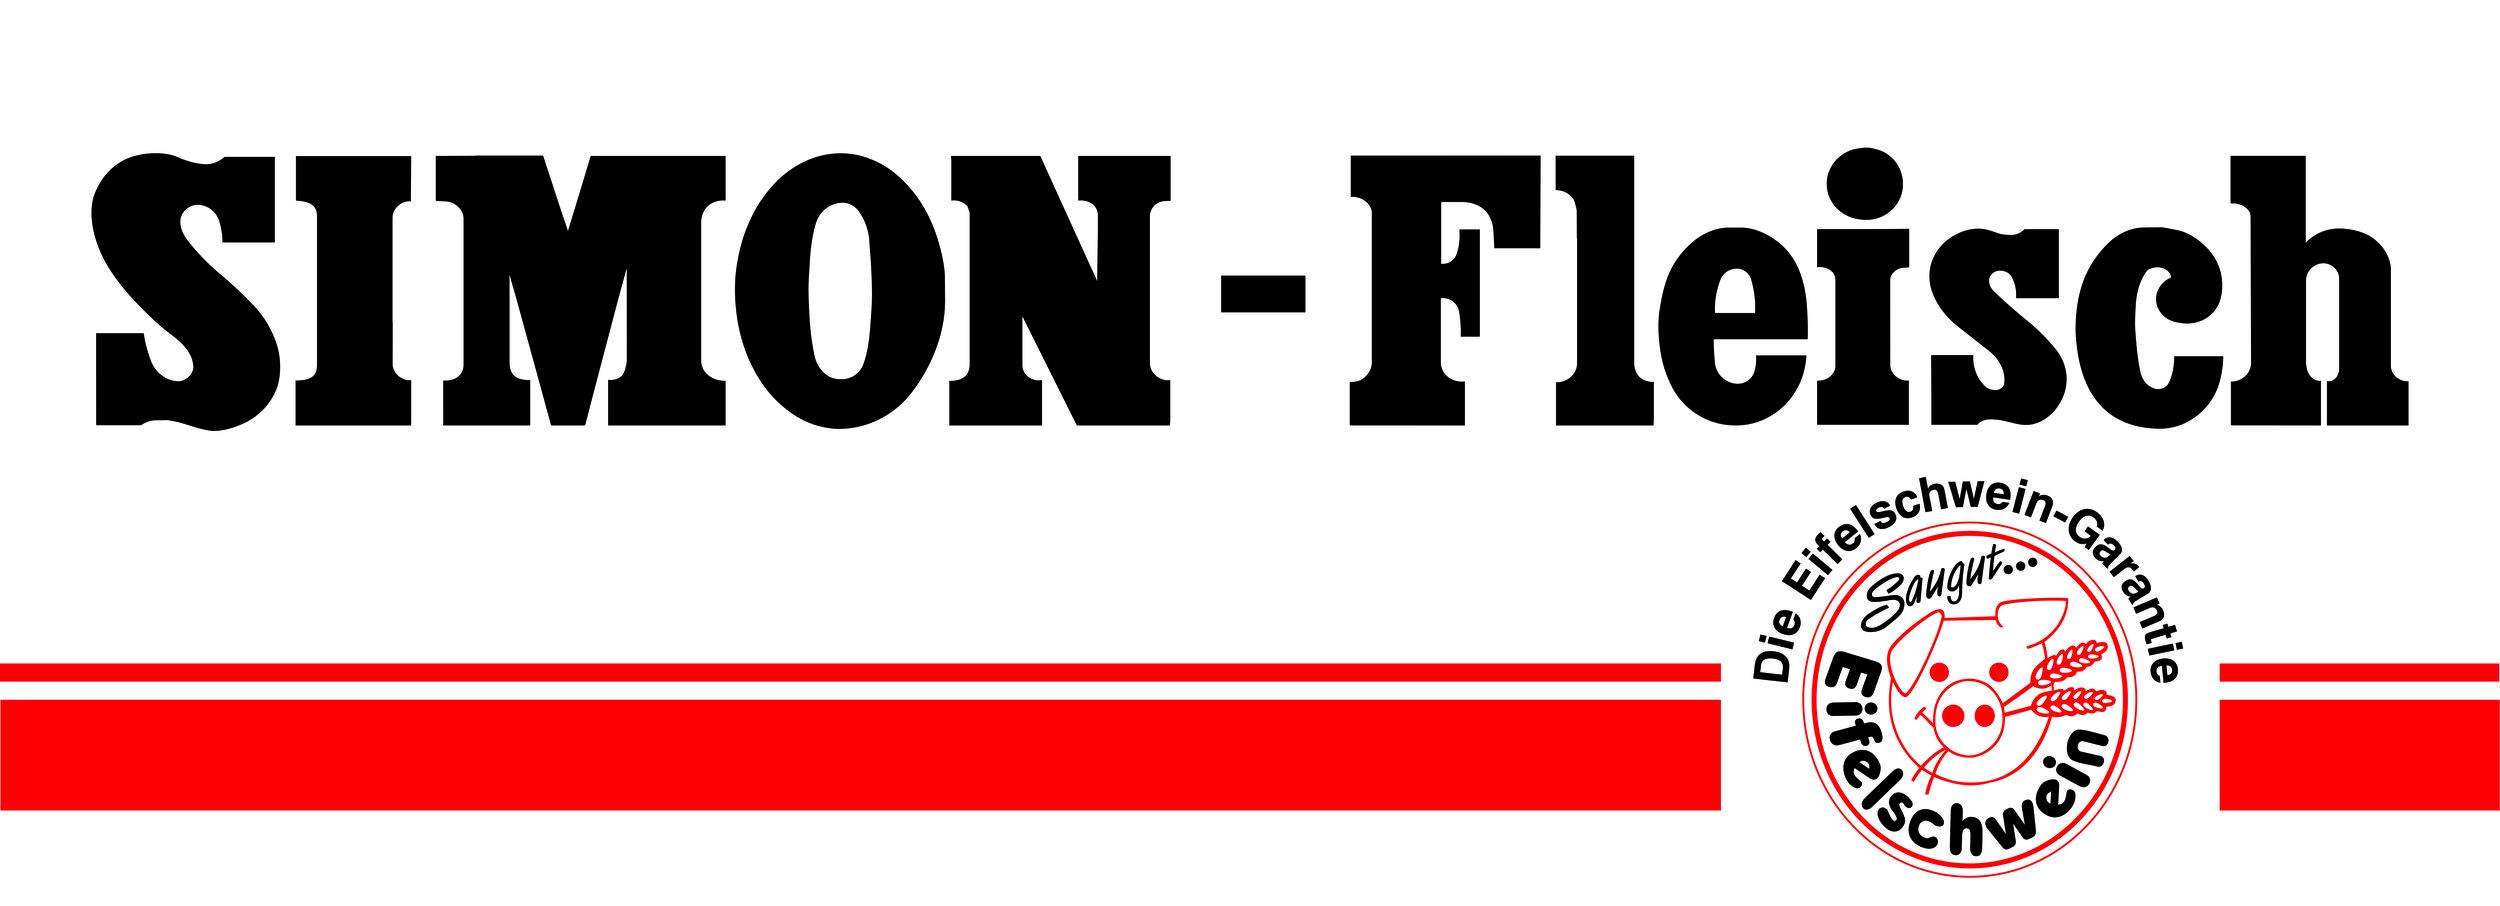 Simon-Fleisch Schriftzug m Streifen und Eifelschwein-Logo.jpg